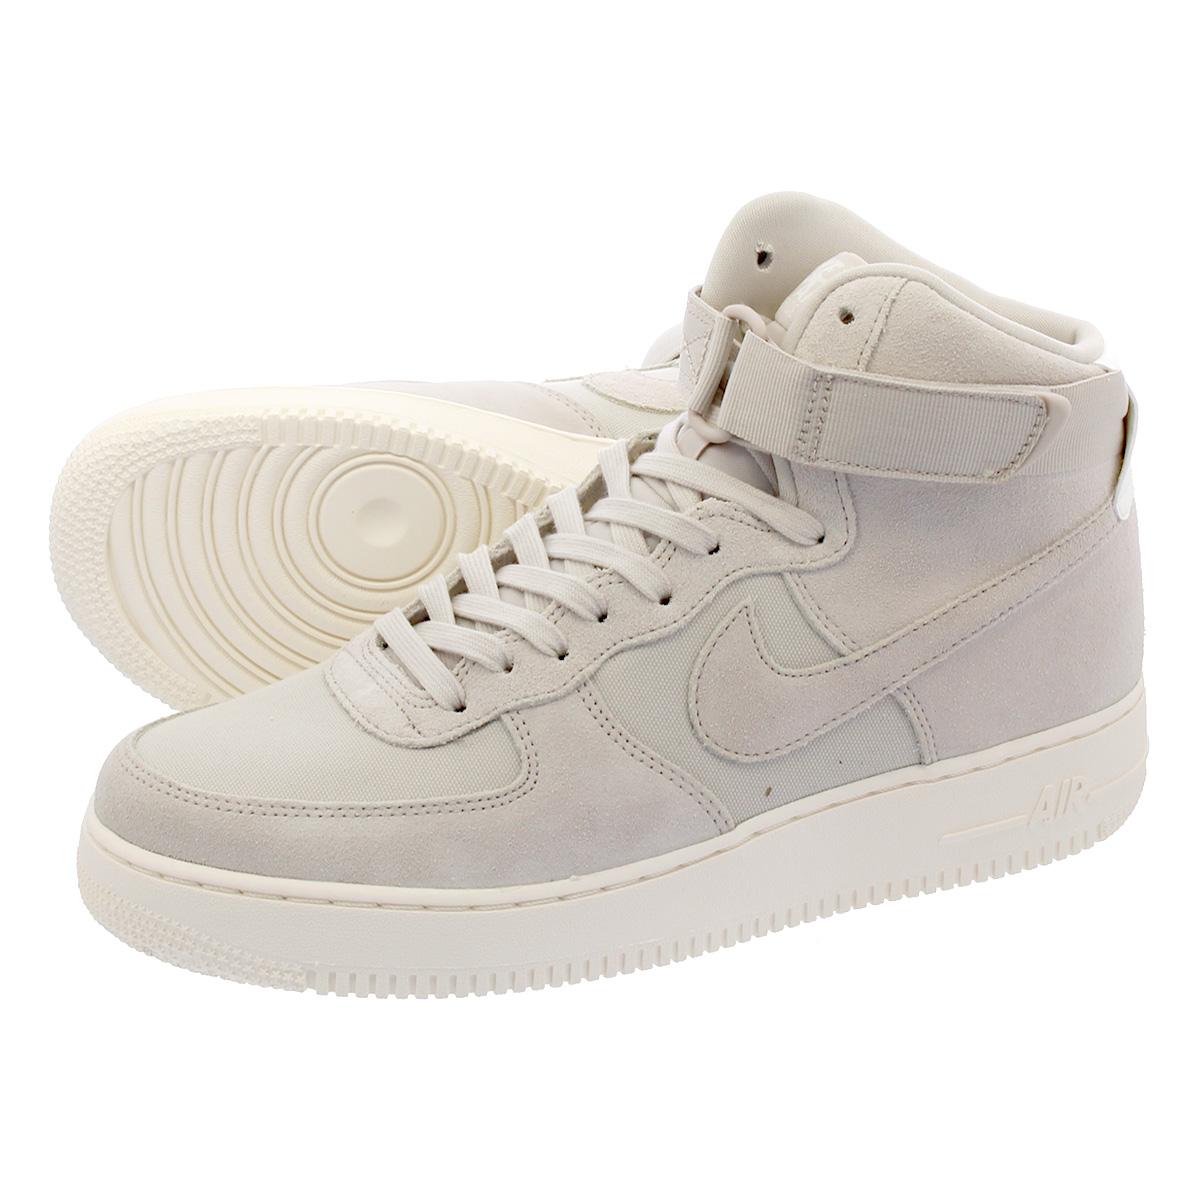 nike air force 1 cream